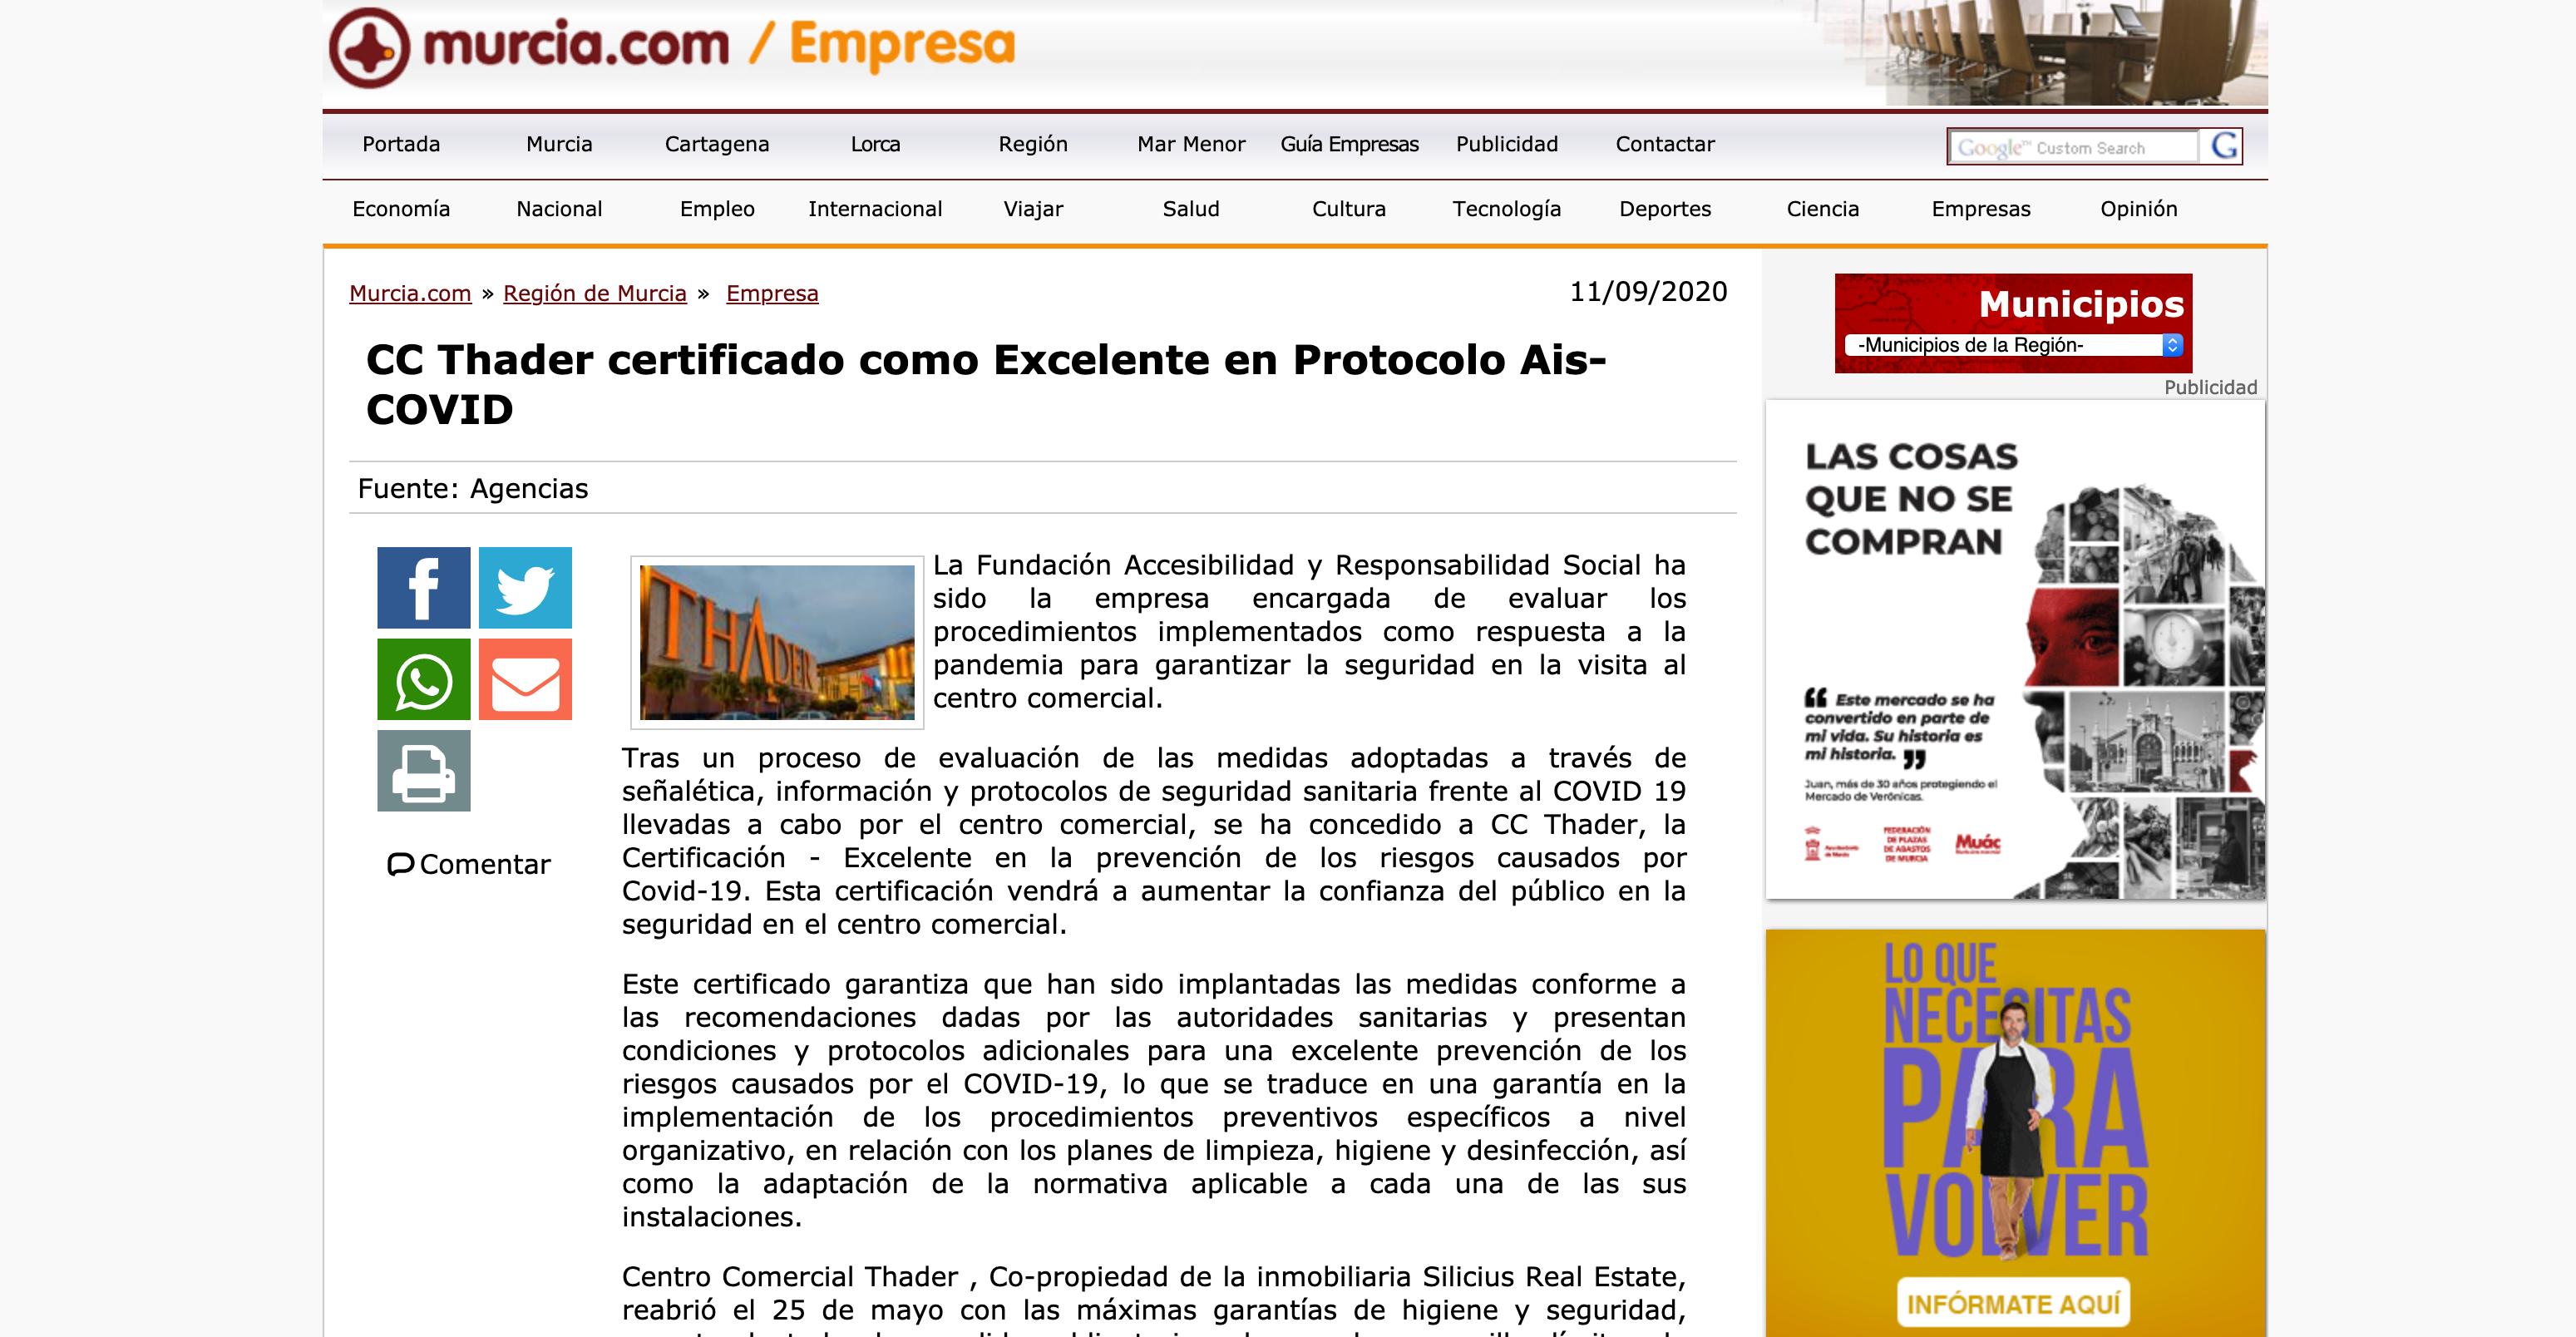 Noticia de Murcia.com